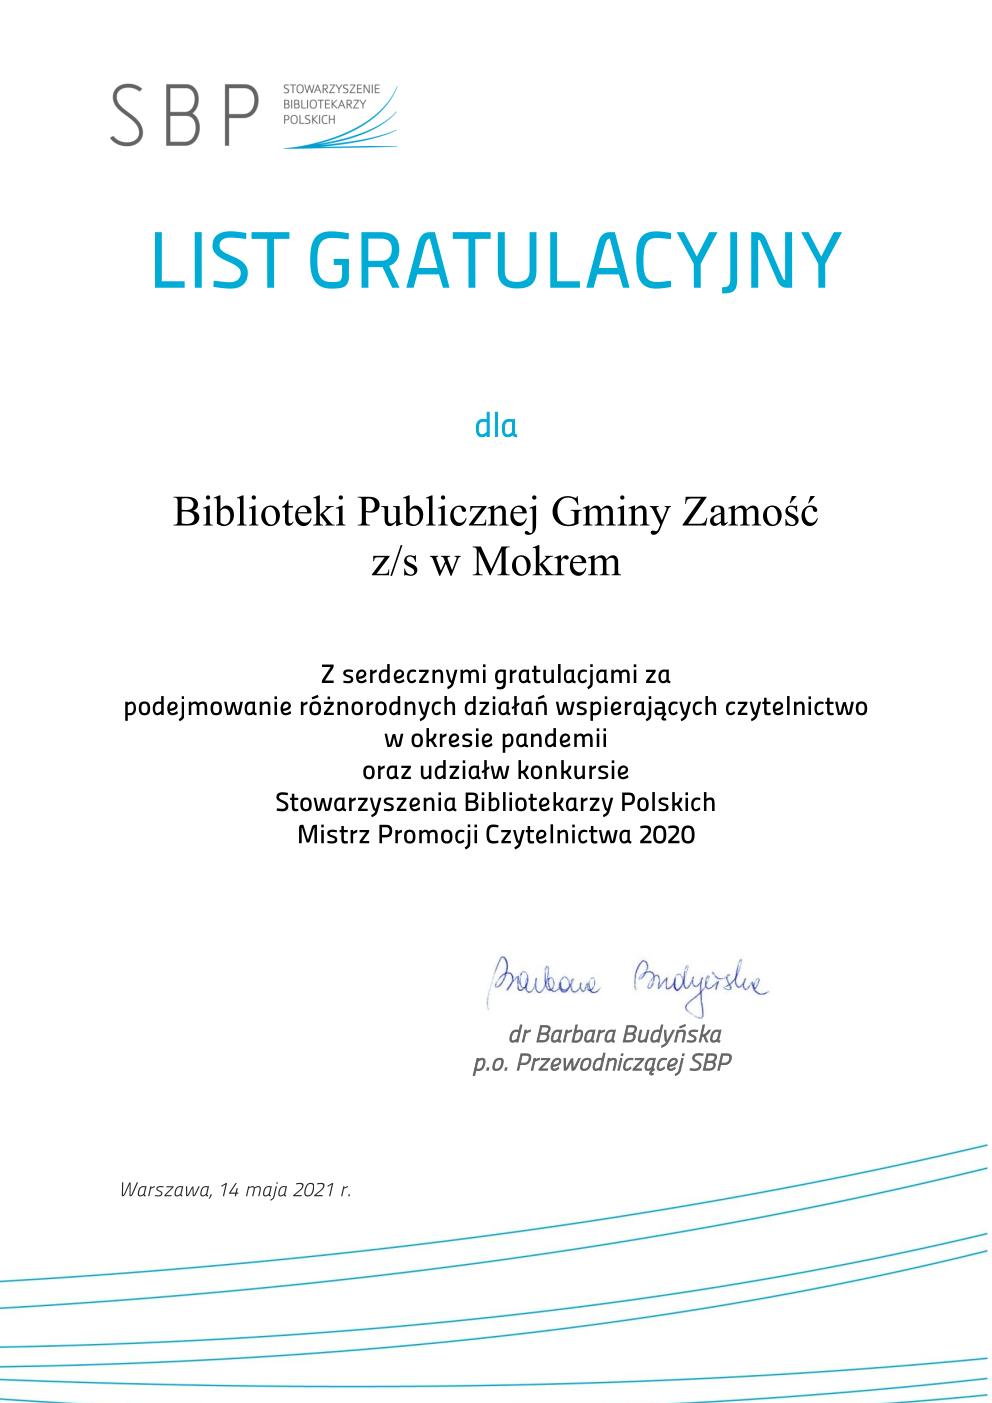 """List Gratulacyiny dla BPGZ z/s w Mokrem za udział w konkursie """"Mistrz Promocji Czytelnictwa"""""""